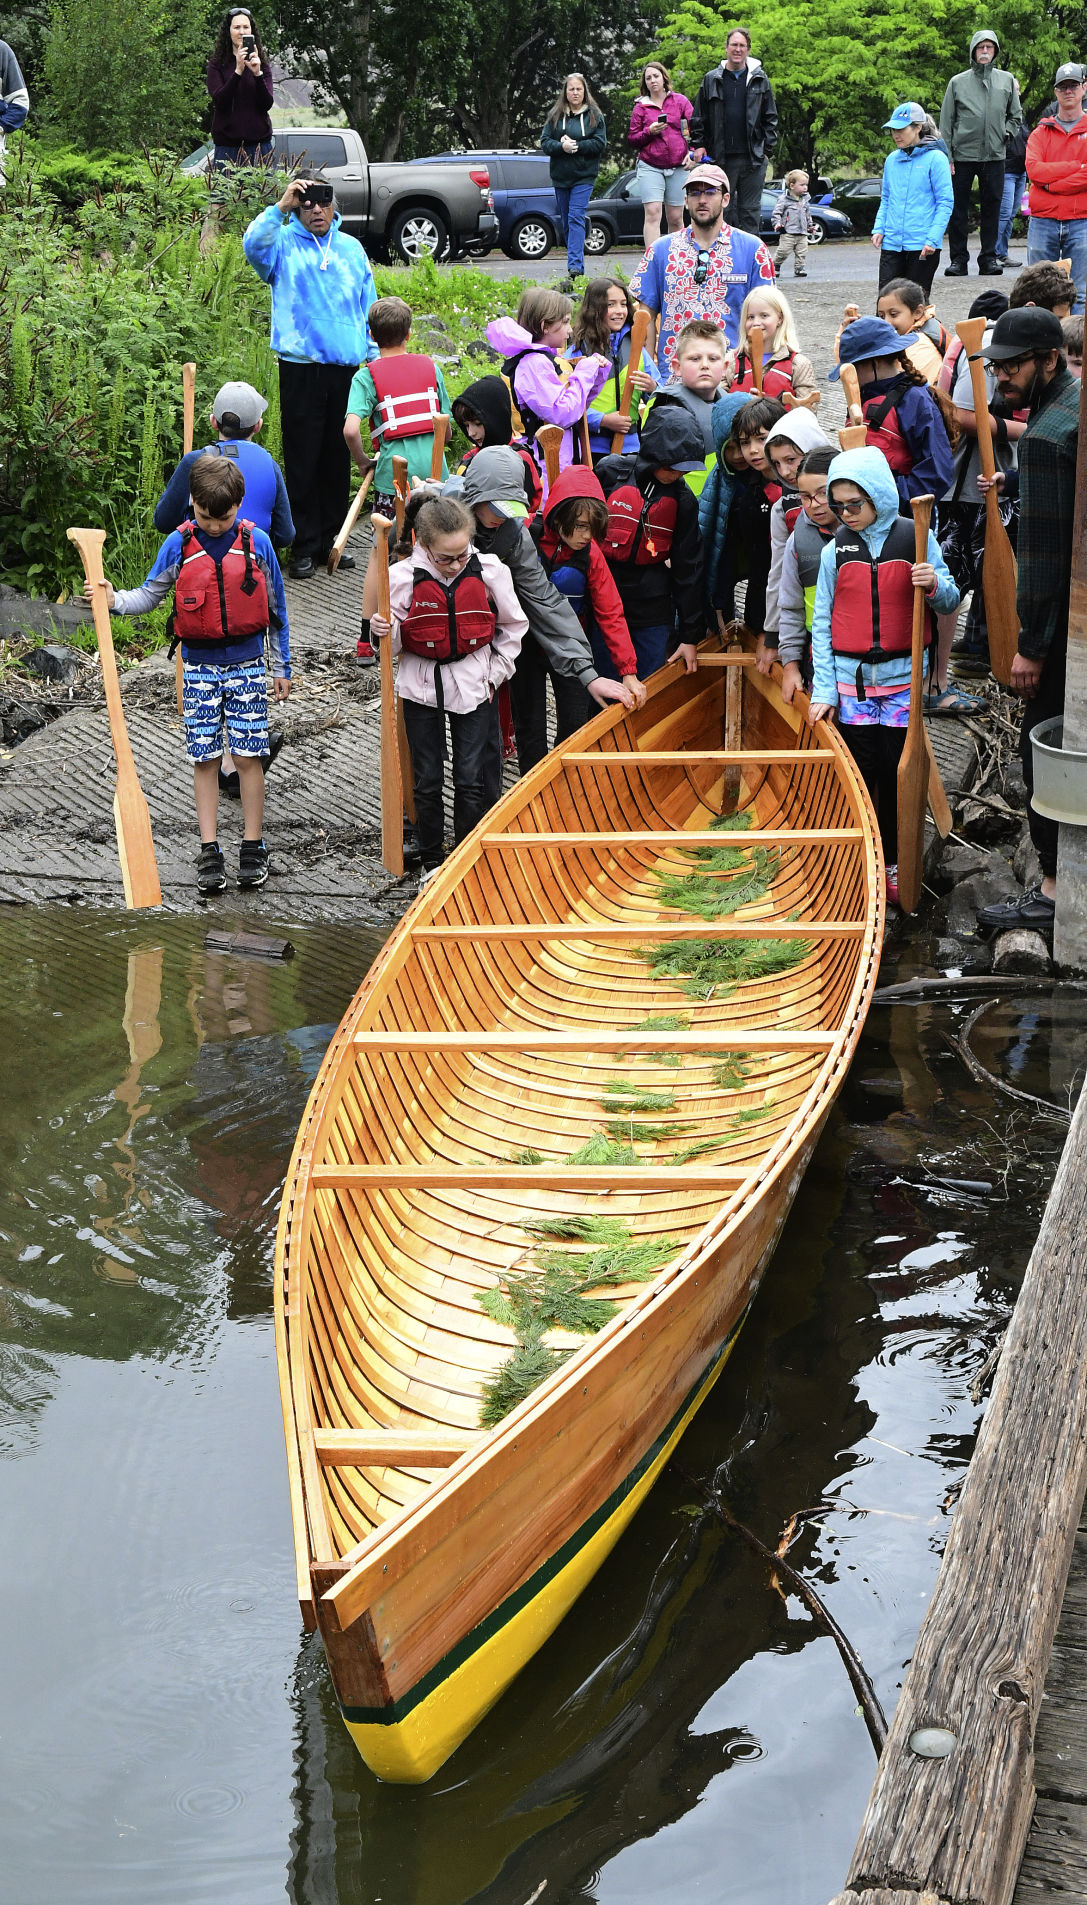 Moscow students test their handmade canoe